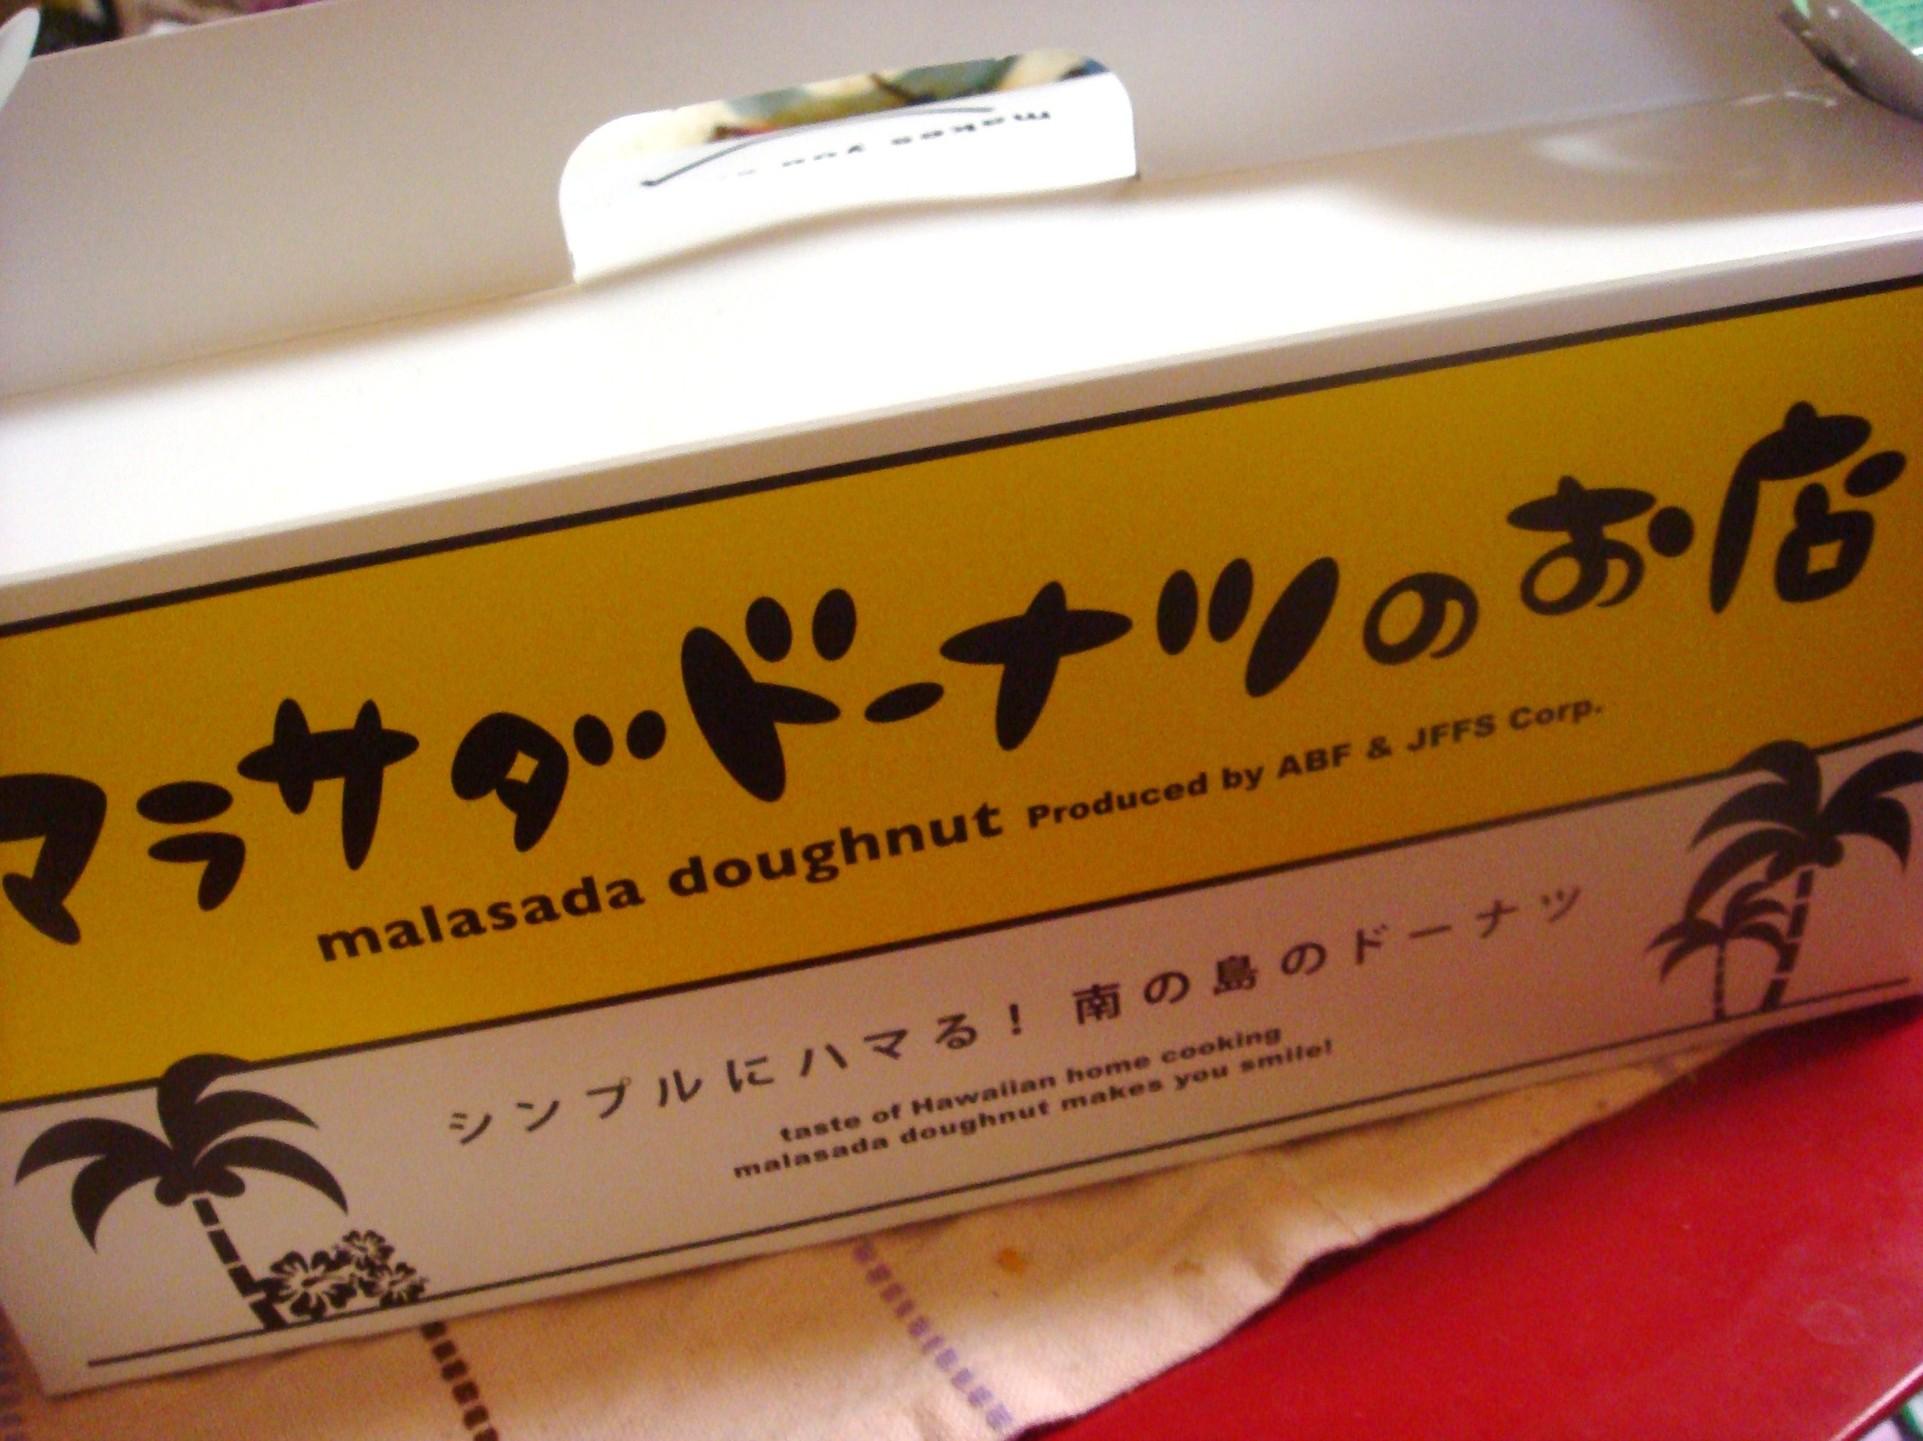 マラサダドーナツのお店